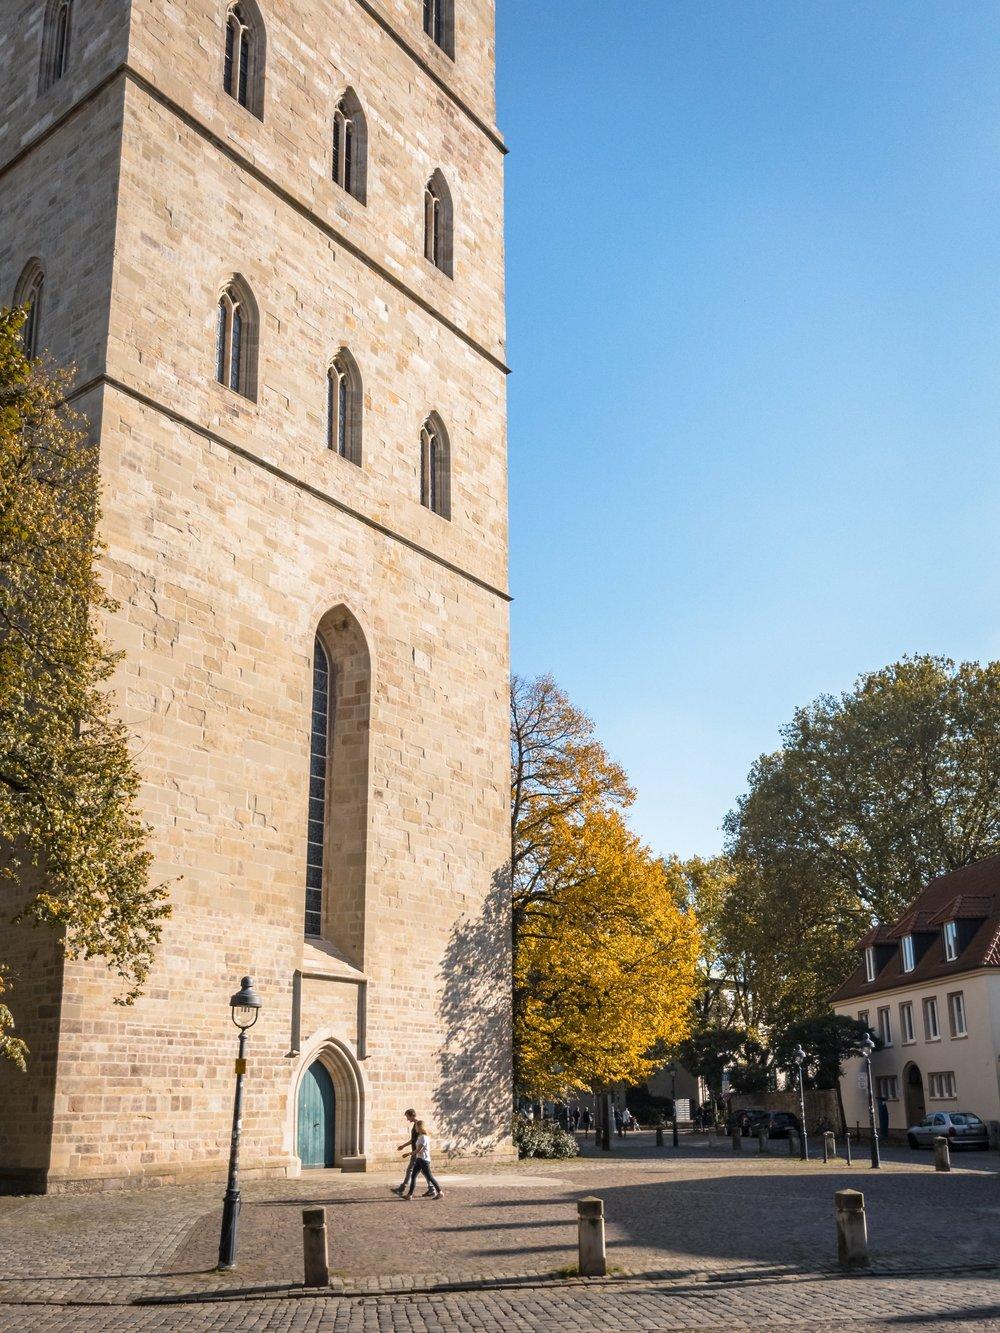 APC_0318-hdr - Herbst ShotoniPhone Autumn Blätter Leaves Sun Sonne Light Threes Licht Bäume Baum Stadt Osnabrück.jpg